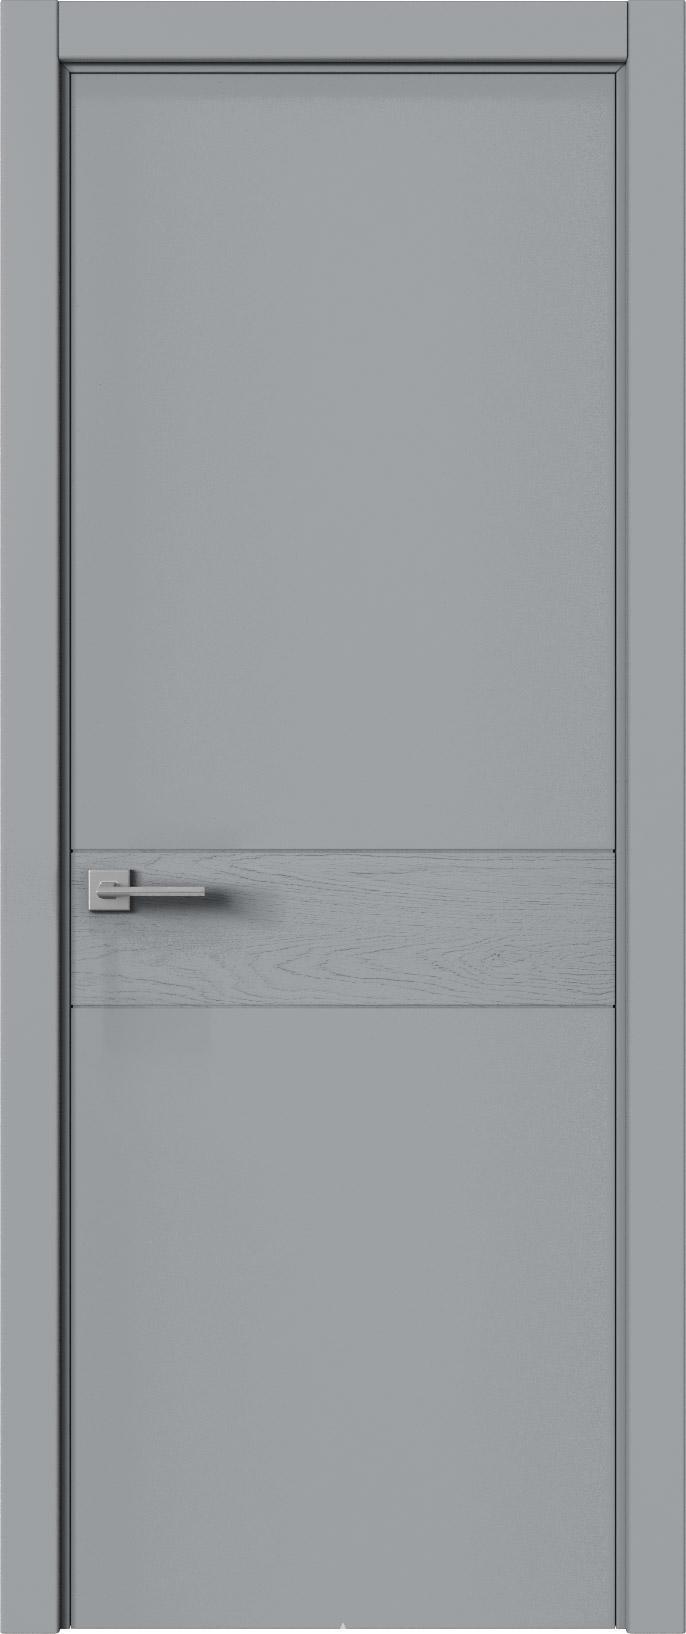 Tivoli И-2 цвет - Серебристо-серая эмаль-эмаль по шпону (RAL 7045) Без стекла (ДГ)